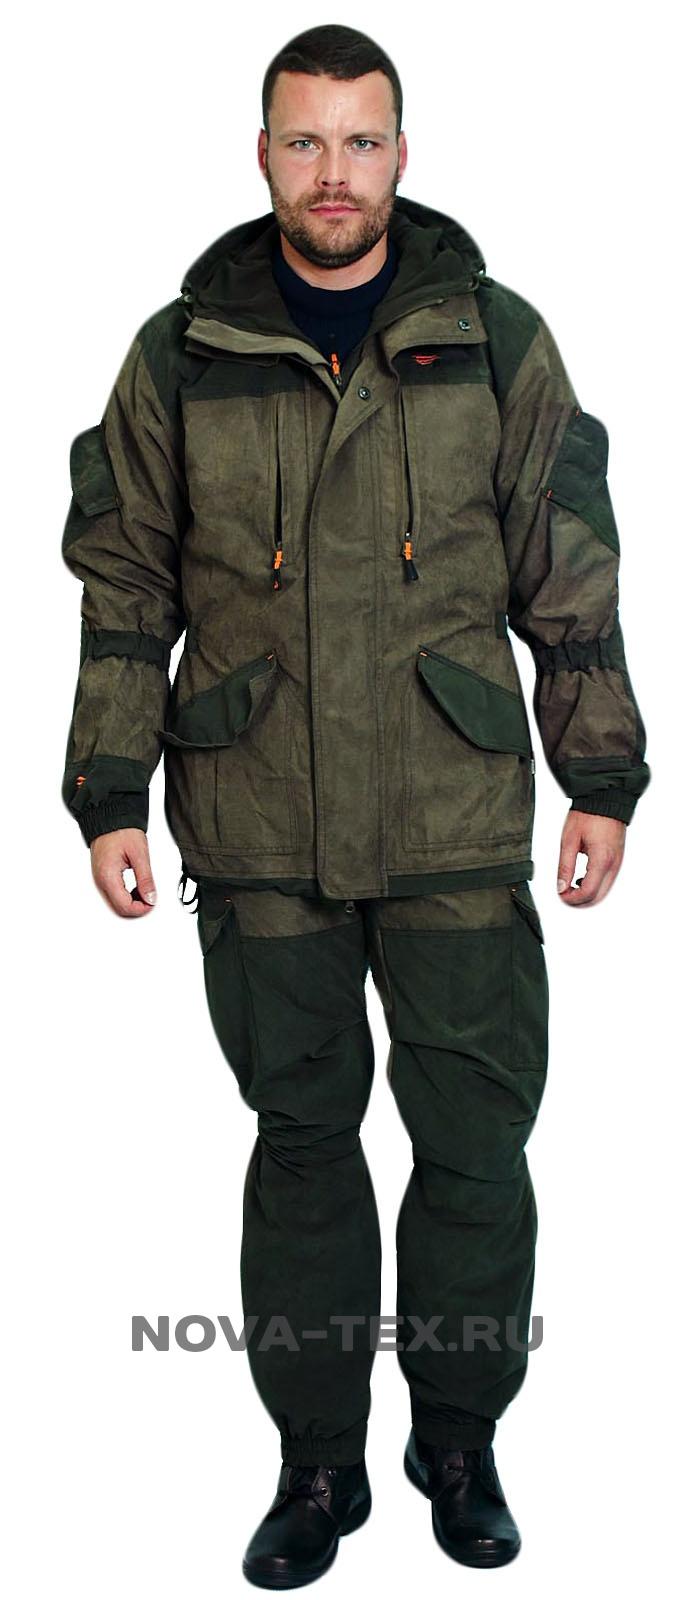 Костюм мужской Магнум осень (финляндия, Костюмы утепленные<br>Костюм «Магнум» Осень (ТМ «PRIDE of the hunter») <br>- разработан на основе знаменитого военного <br>костюма «Горка». В этом костюме гармонично <br>сочетается проверенный временем анатомический <br>крой и современные ветро-влагозащитные <br>материалы. В результате сурового коктейля <br>из апробированных и инновационных технологий <br>мы и получаем костюм «Магнум» Осень. Верх <br>костюма изготовлен из современной мембранной <br>ткани «Финляндия», прекрасно защищающей <br>от дождя и ветра, подкладка - из мягкого <br>гипоаллергенного флиса который создает <br>комфортные условия для тела. Костюм «Магнум» <br>Осень рекомендуется для охотников, рыбаков, <br>туристов, любителей военно-спортивных игр <br>и силовых структур. Особенности модели: <br>-ветрозащитная ткань -влагозащитная ткань <br>-основная ткань - мембрана -водонепроницаемость <br>- 5000 -паропроницаемость - 5000 -анатомический <br>крой -куртка регулируется по талии -усиление <br>по плечам -усиление на локтях -усиление <br>на коленях -усиление по низу брюк -двойная <br>ветрозащитная планка -утяжки в области <br>локт<br><br>Пол: мужской<br>Размер: 52-54<br>Рост: 182-188<br>Сезон: демисезонный<br>Цвет: оливковый<br>Материал: текстиль